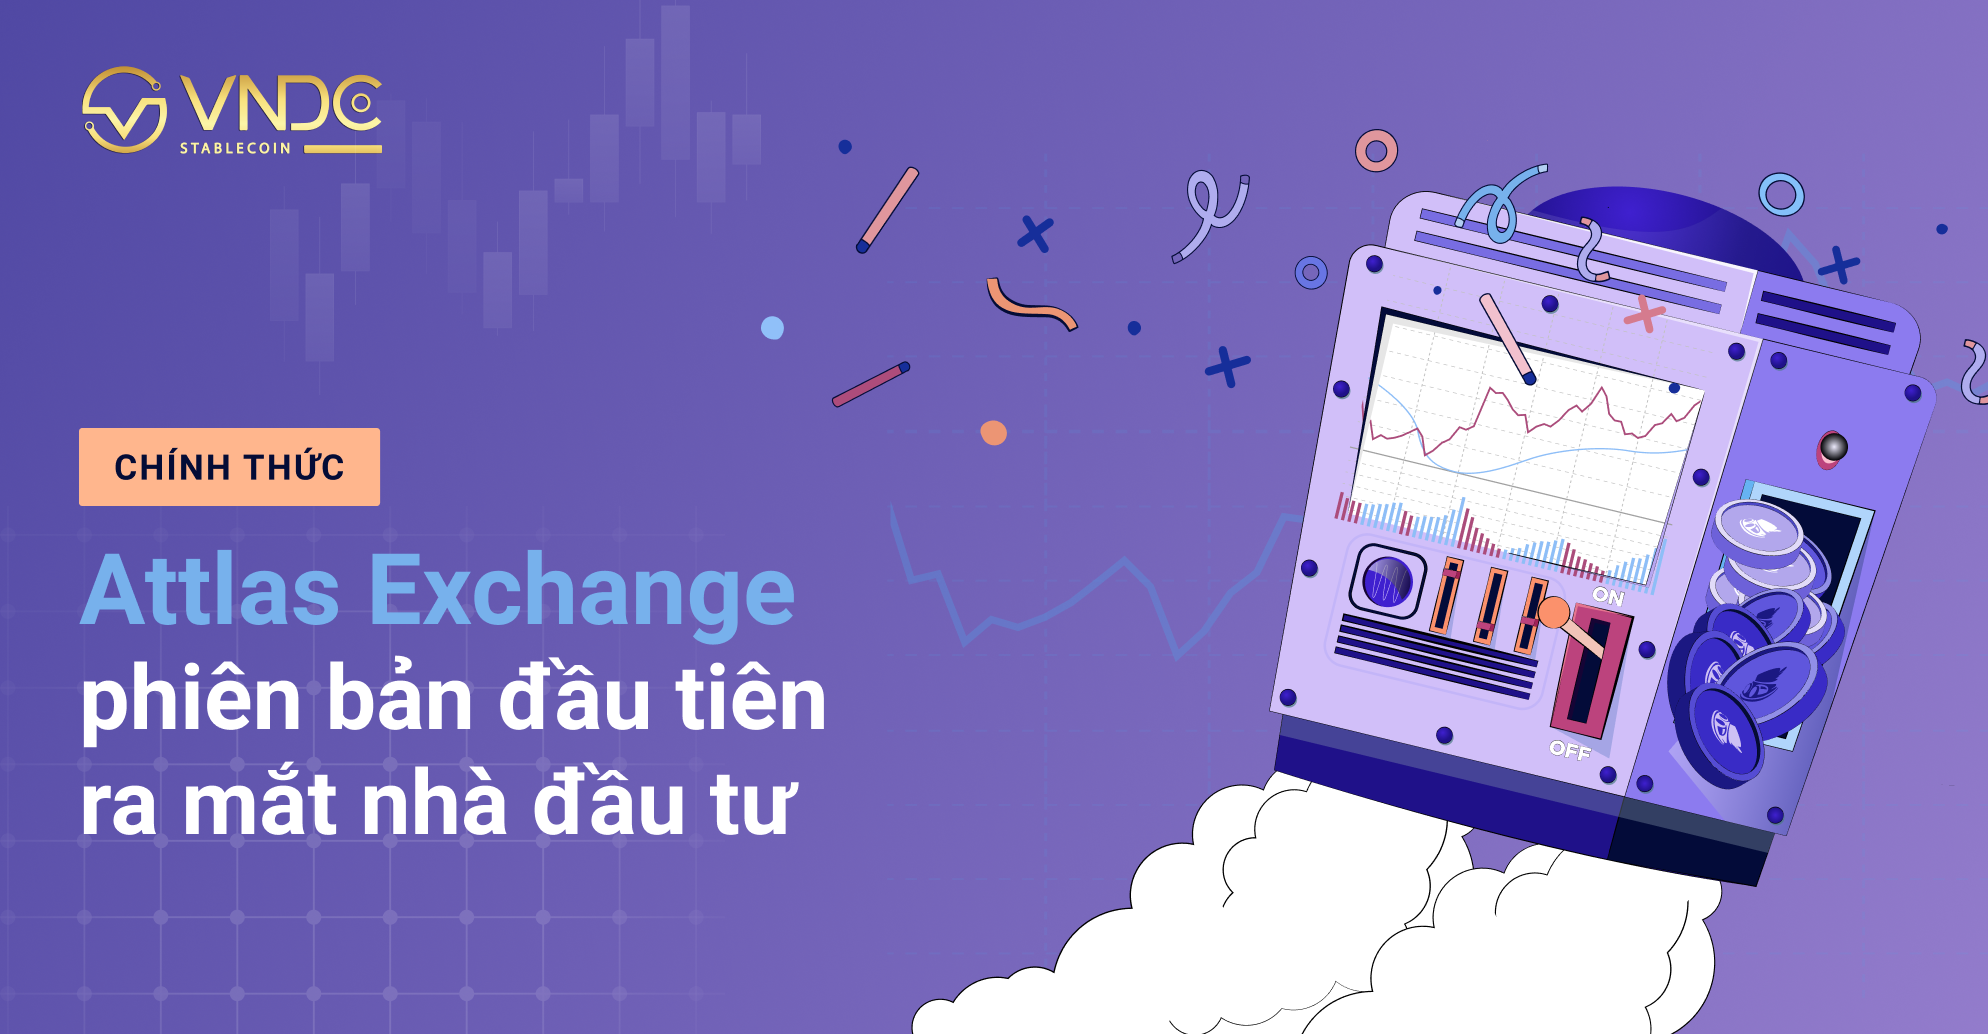 Attlas Exchange phiên bản đầu tiên chính thức ra mắt nhà đầu tư